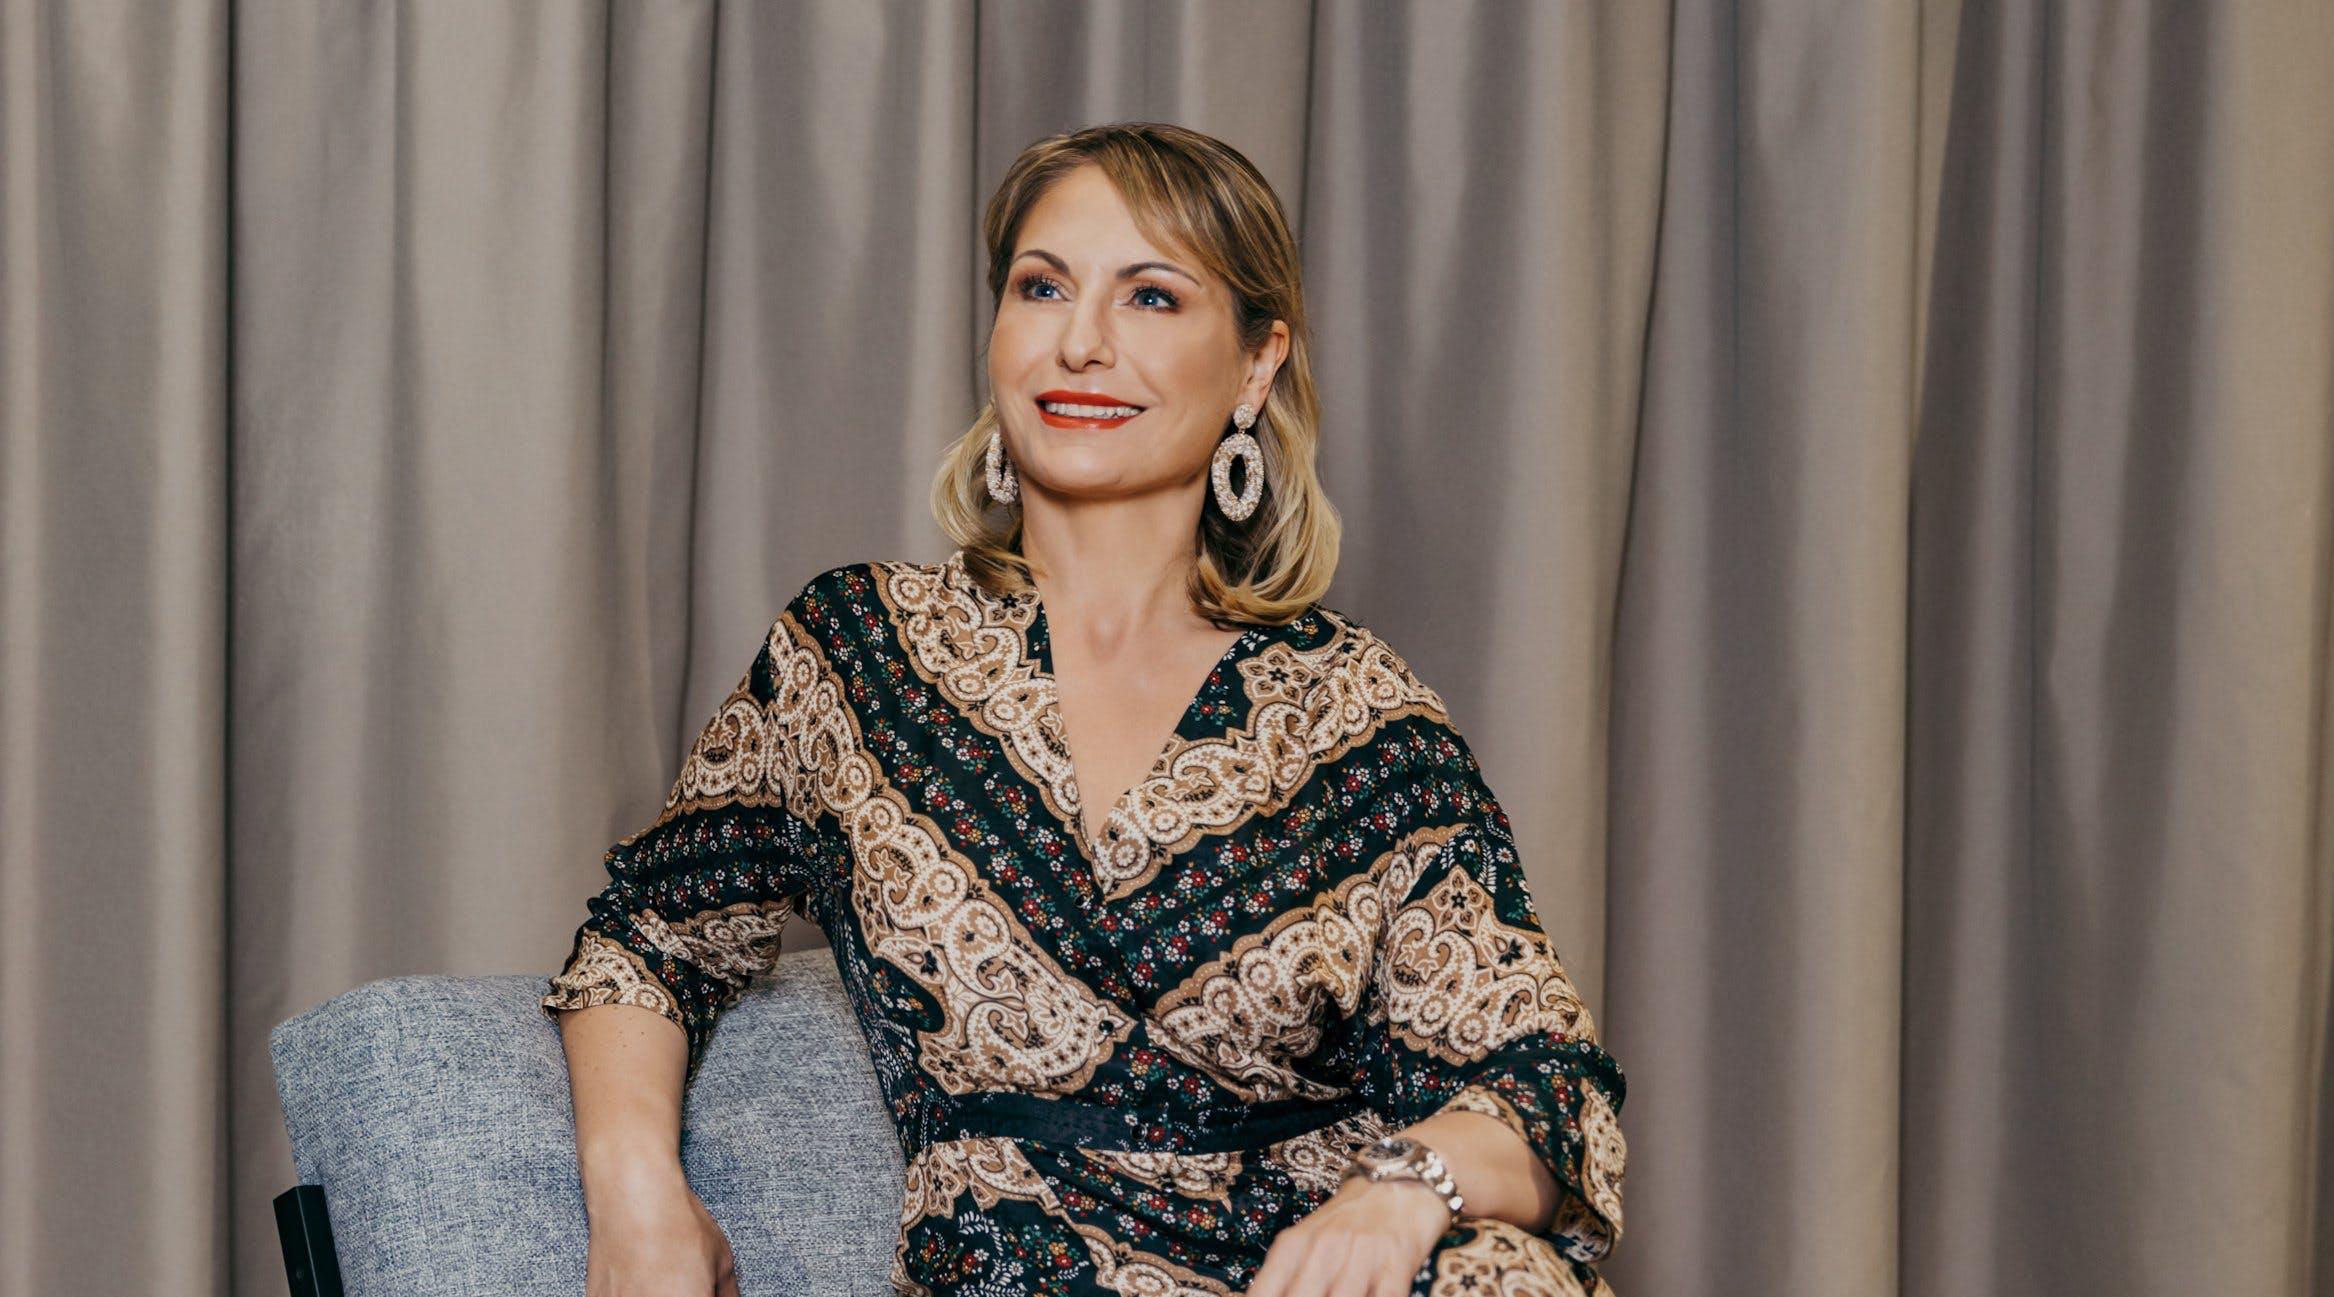 Tanja Rohark, CEO und Gründerin von Digital Chameleon (Quelle: Digital Chameleon)